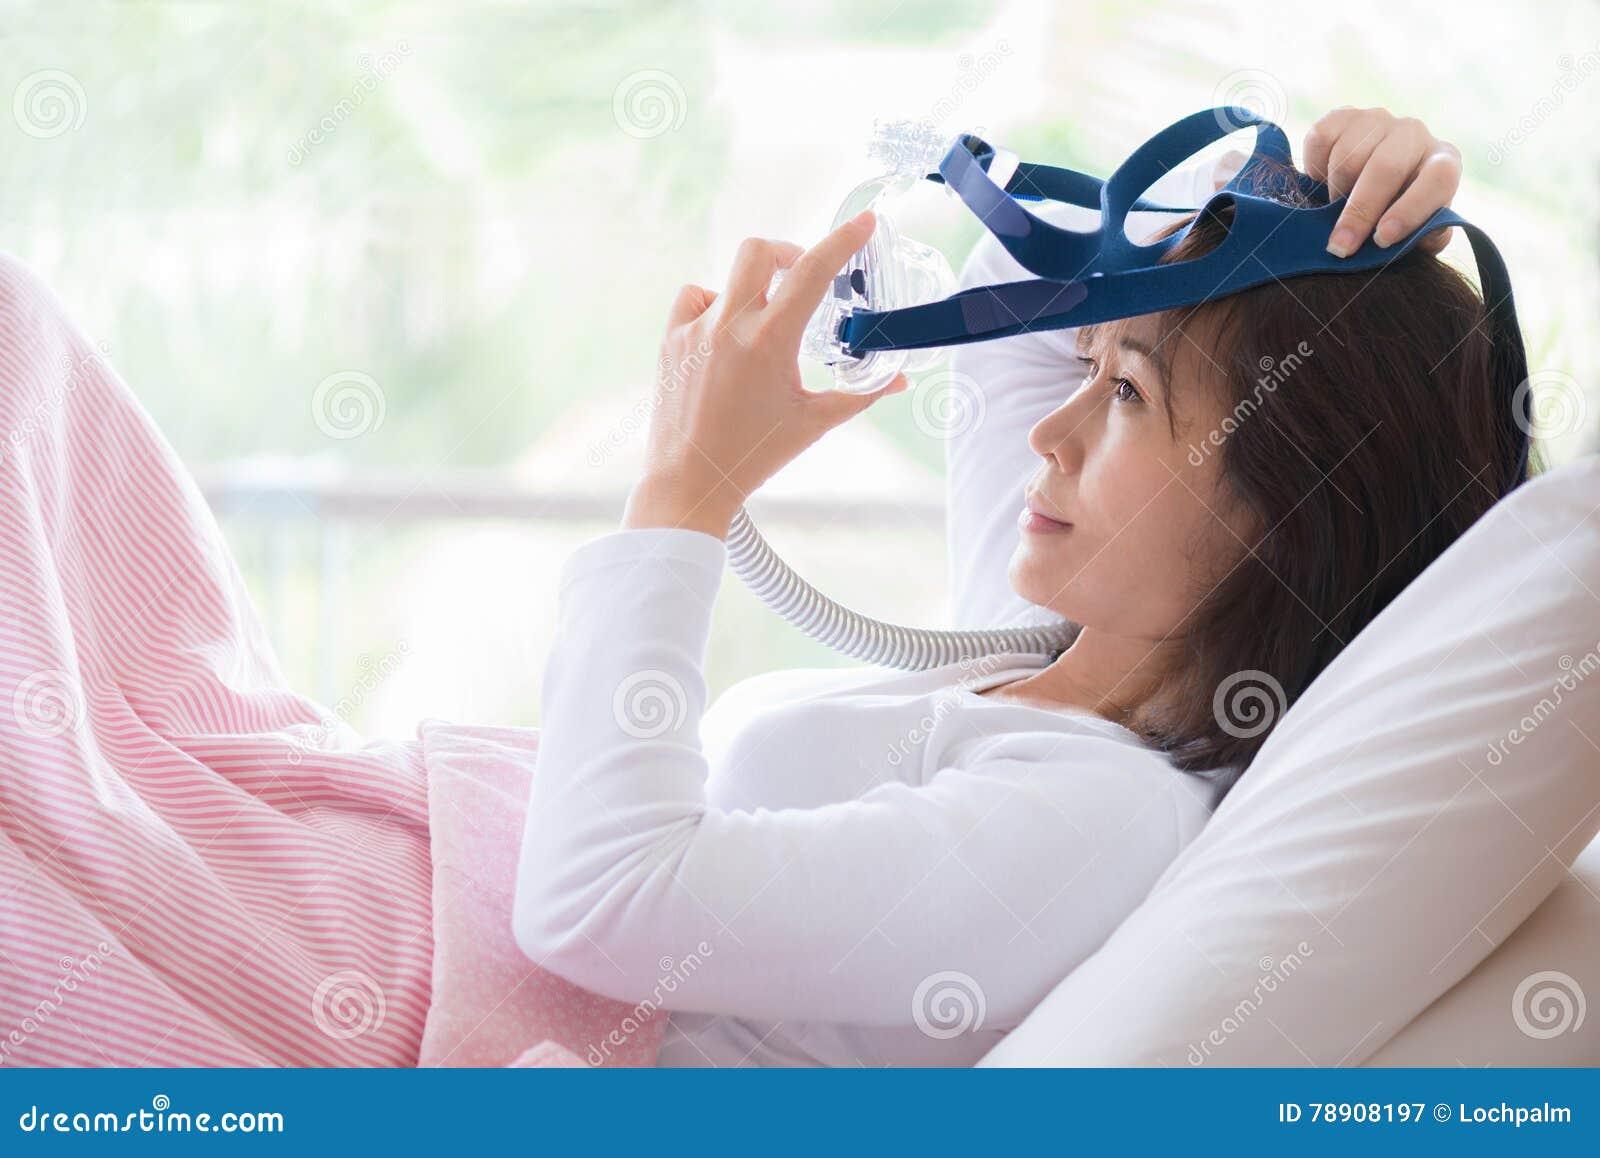 妇女在戴着CPAP面具,睡眠停吸疗法的床上放置